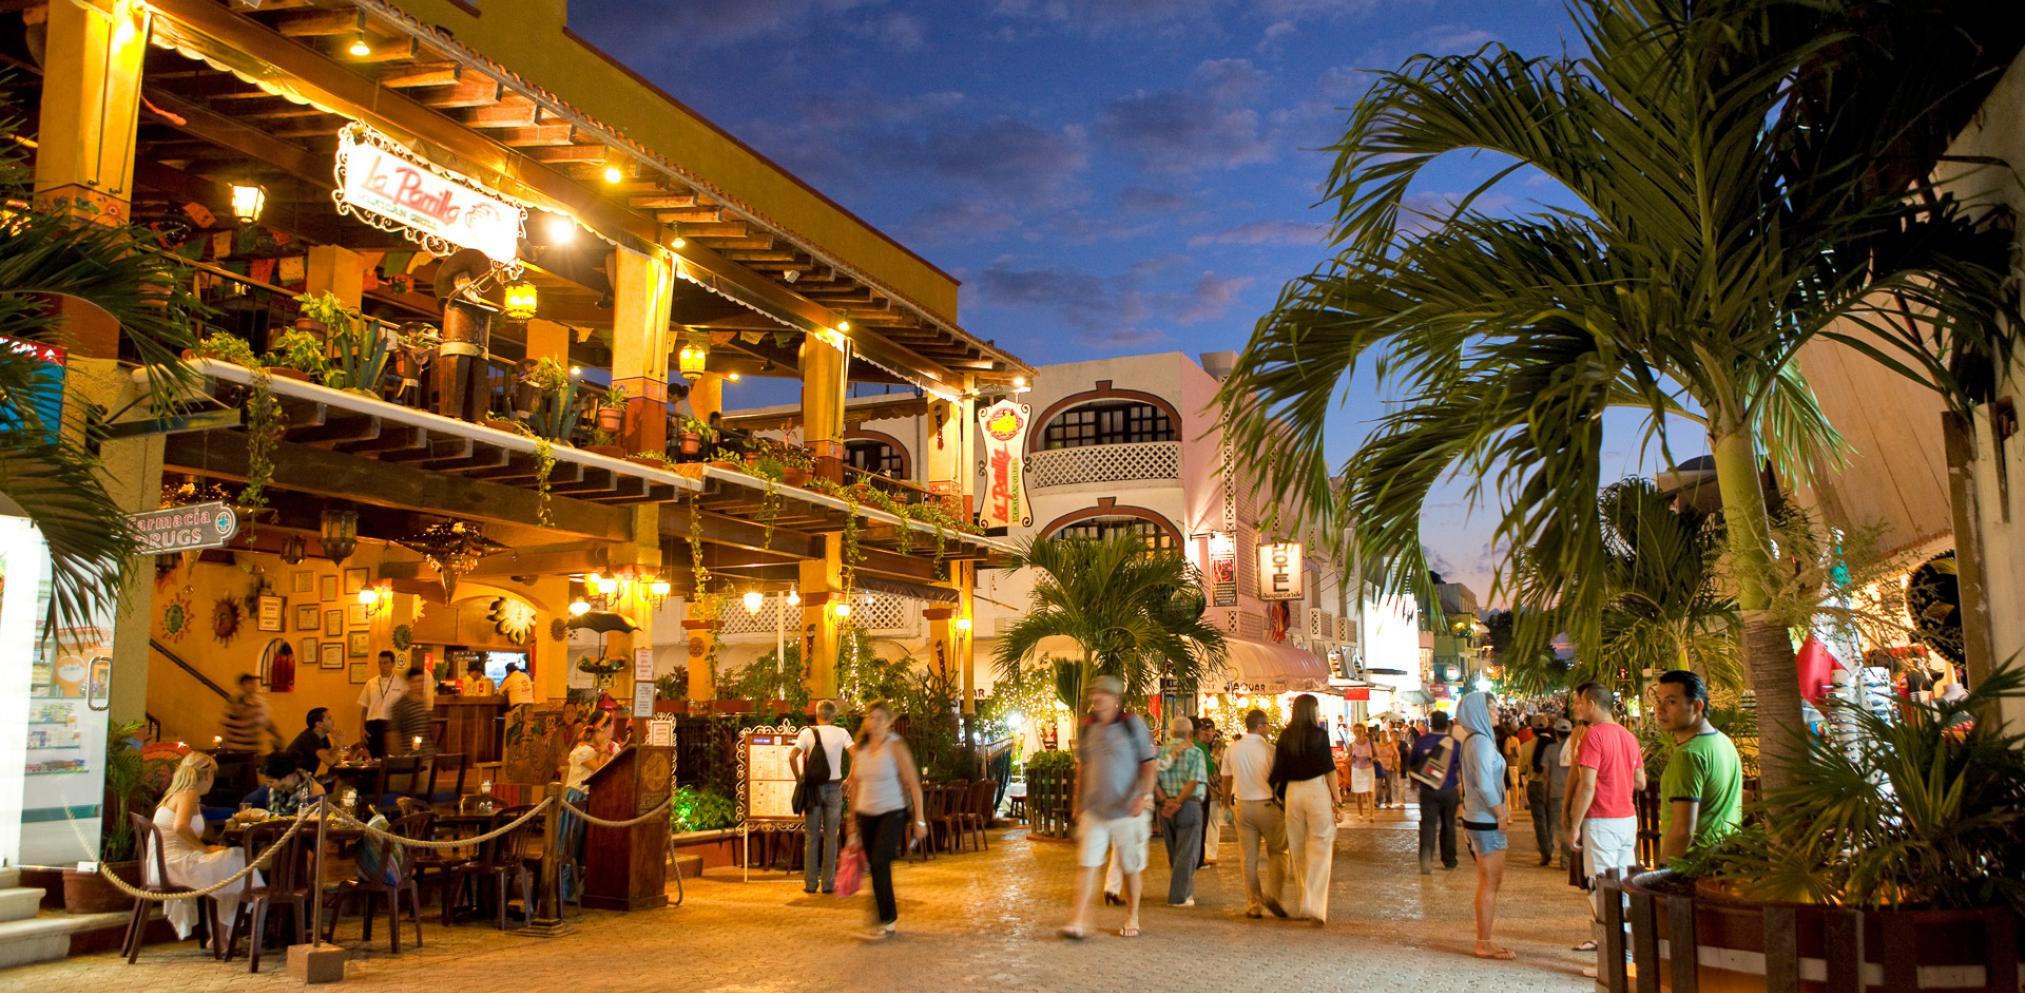 Qué hacer en Playa del Carmen, Quintana Roo